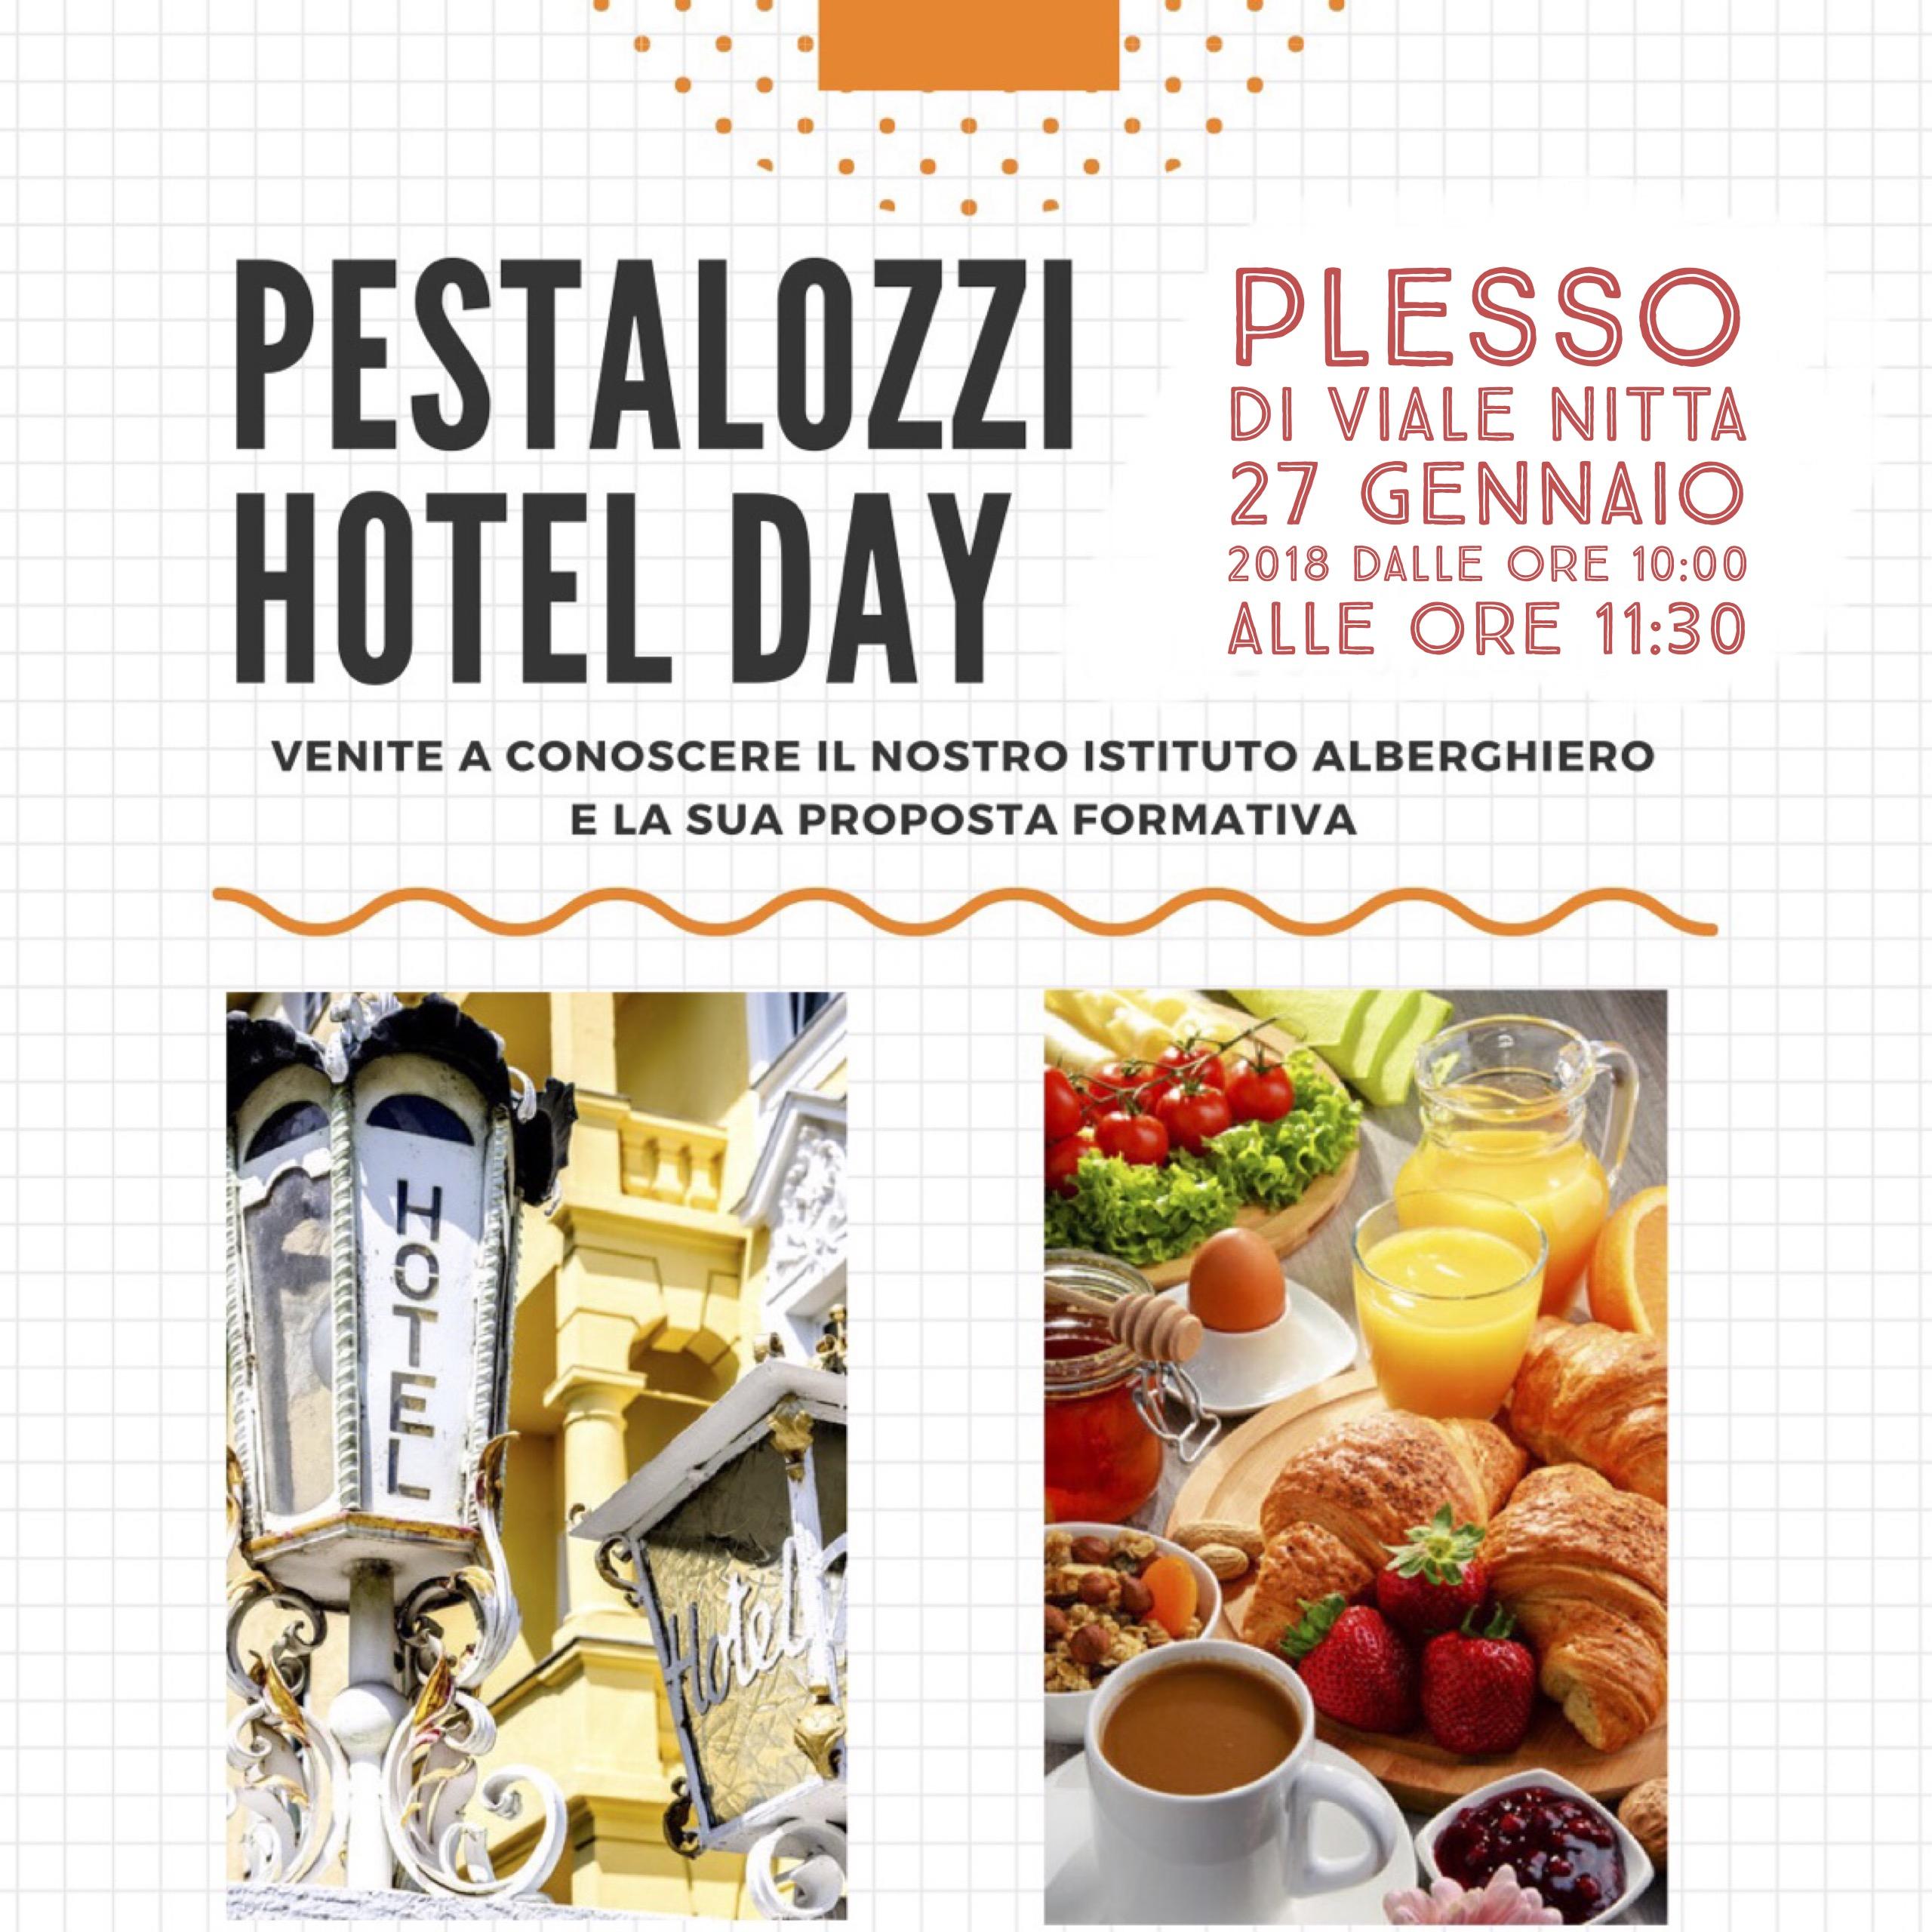 Invito Hotel Day I.O. Pestalozzi 27.01.2018